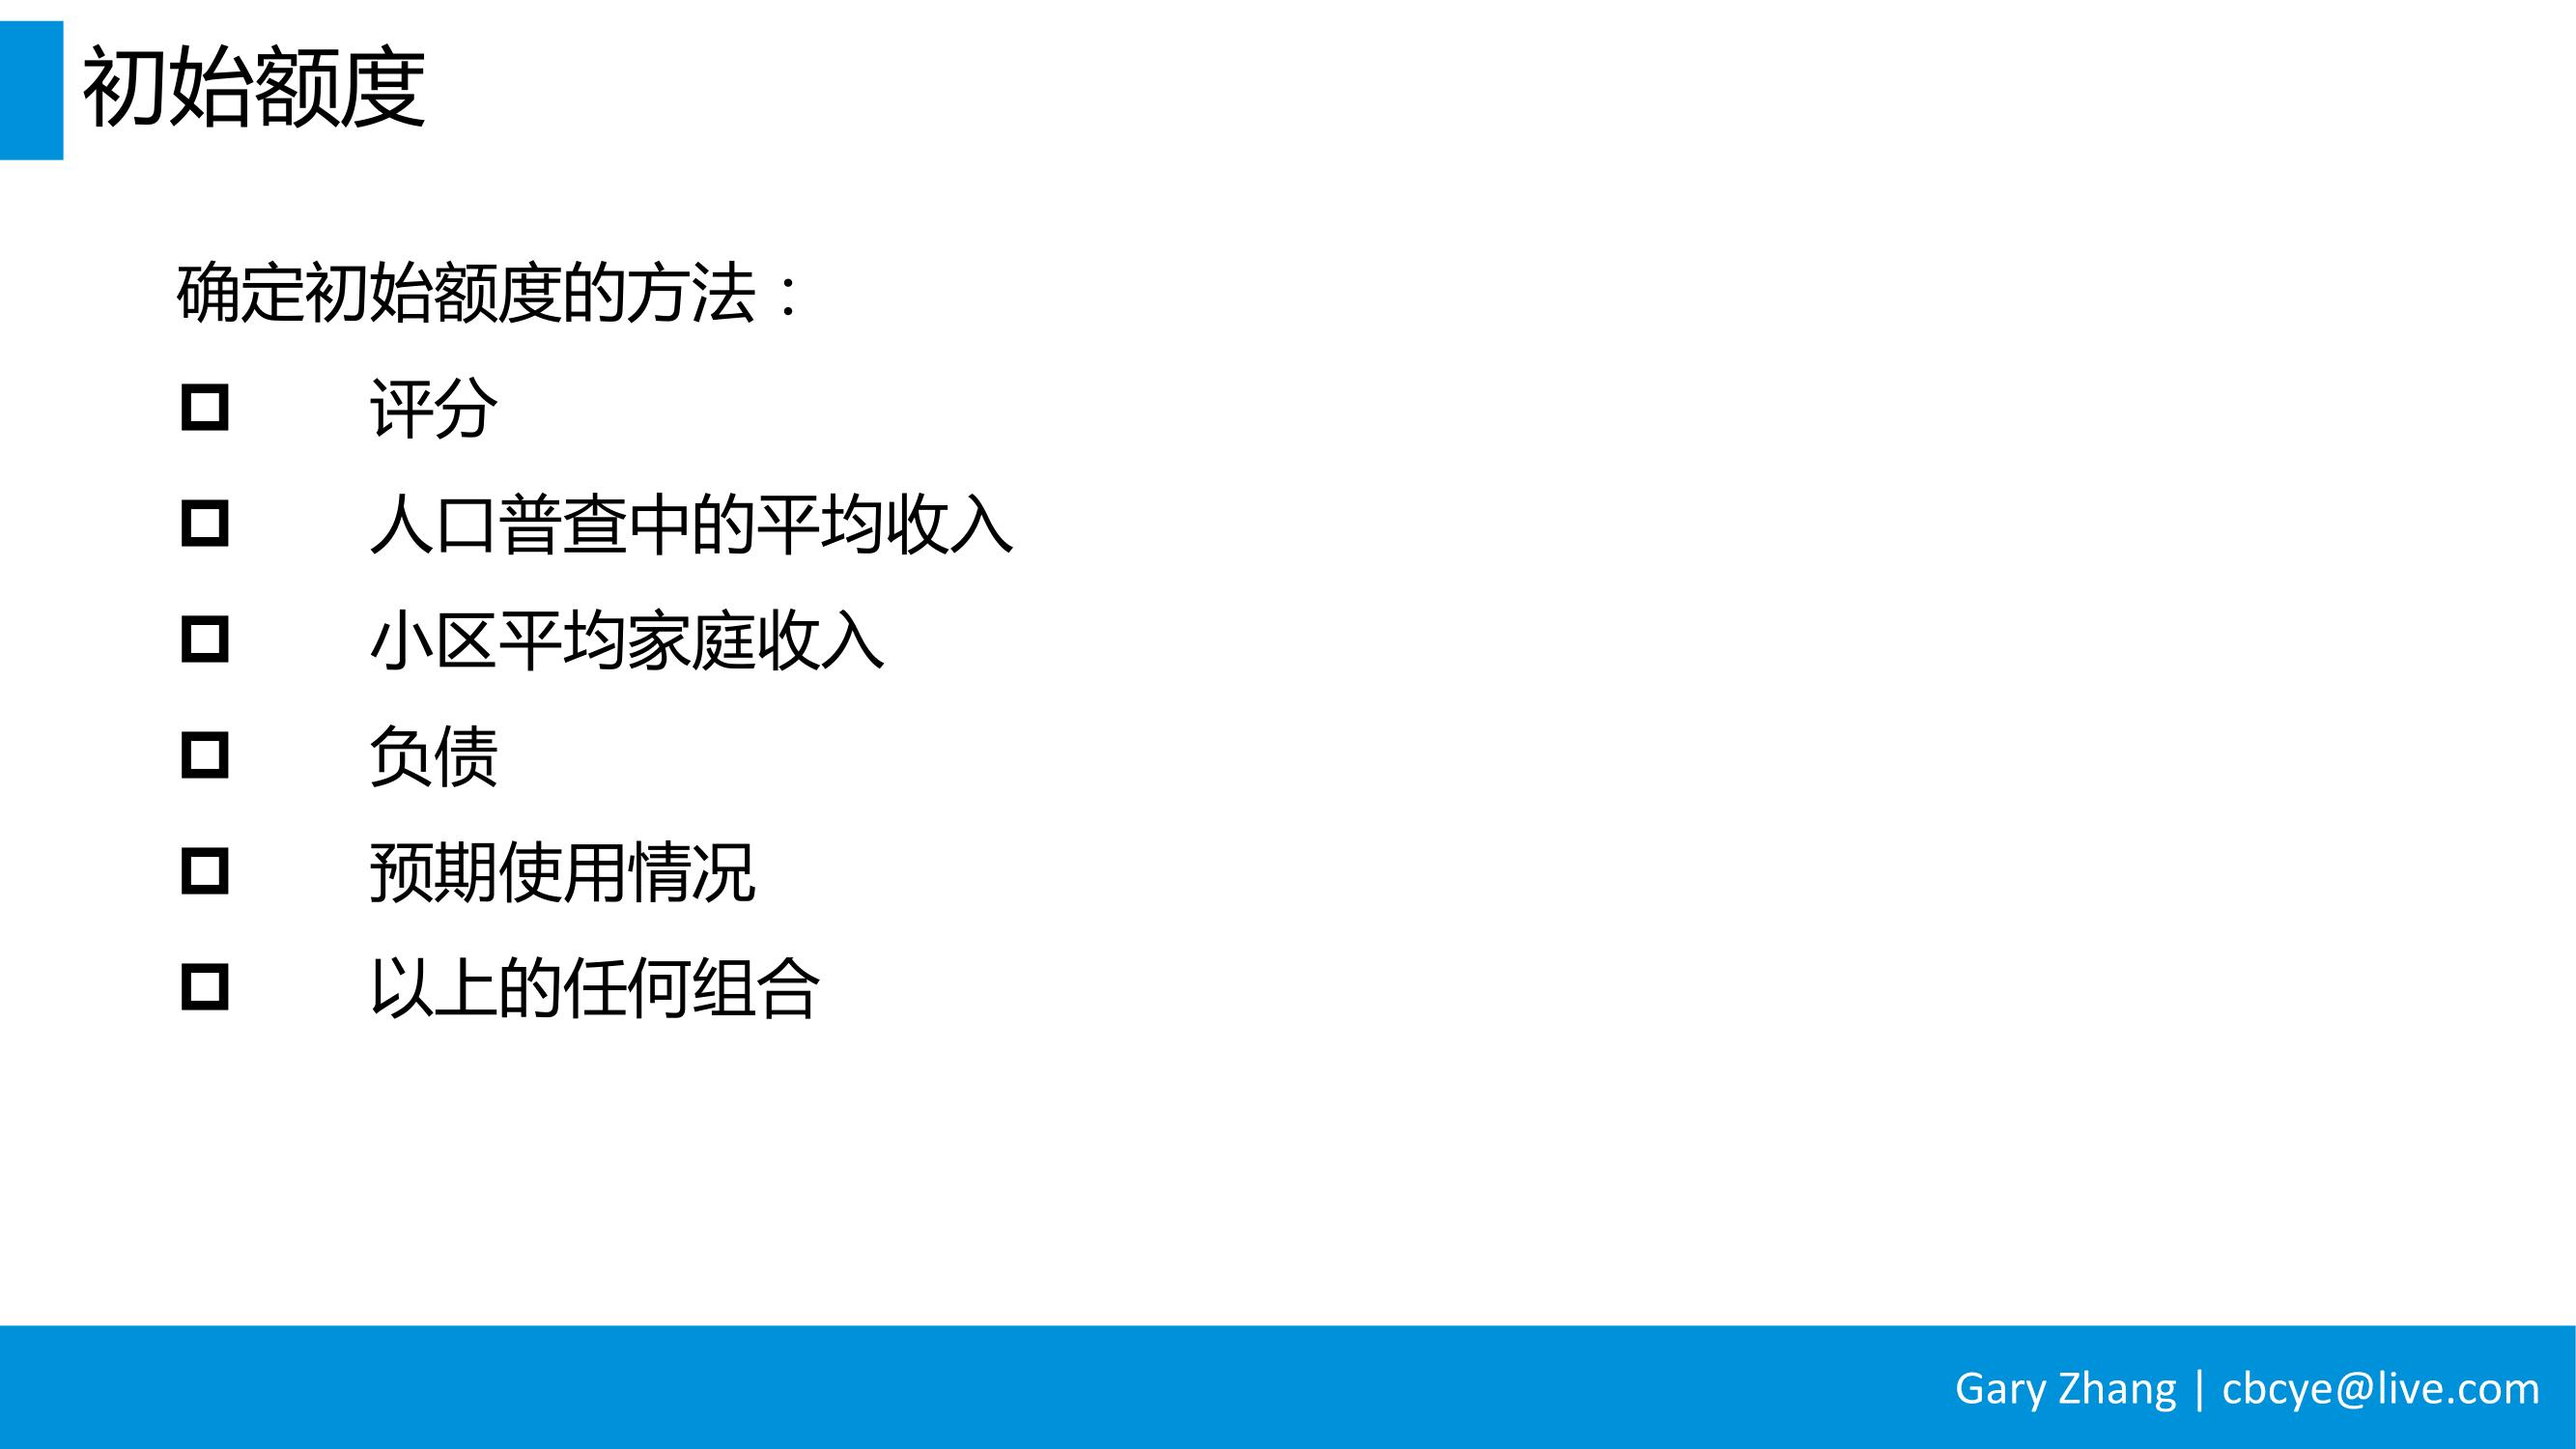 消费金融业务全流程指南_v1.0-041